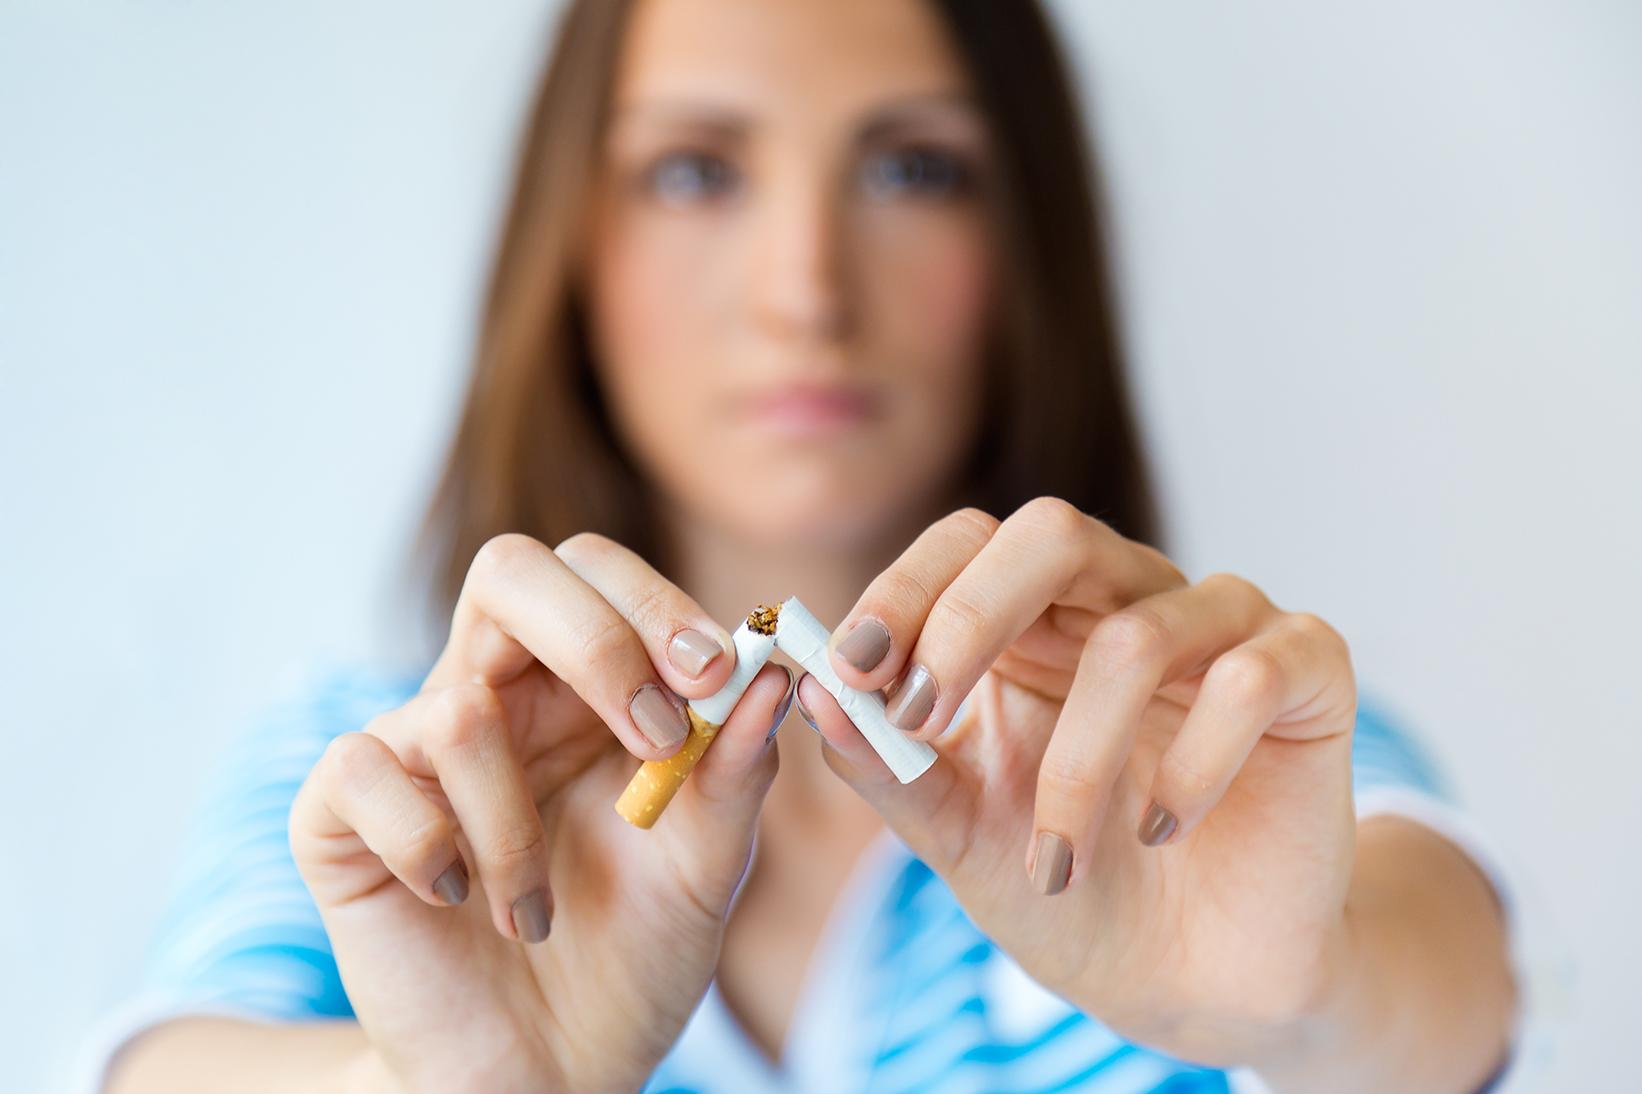 Ragazza giovane cigaretta lotta contro fumo